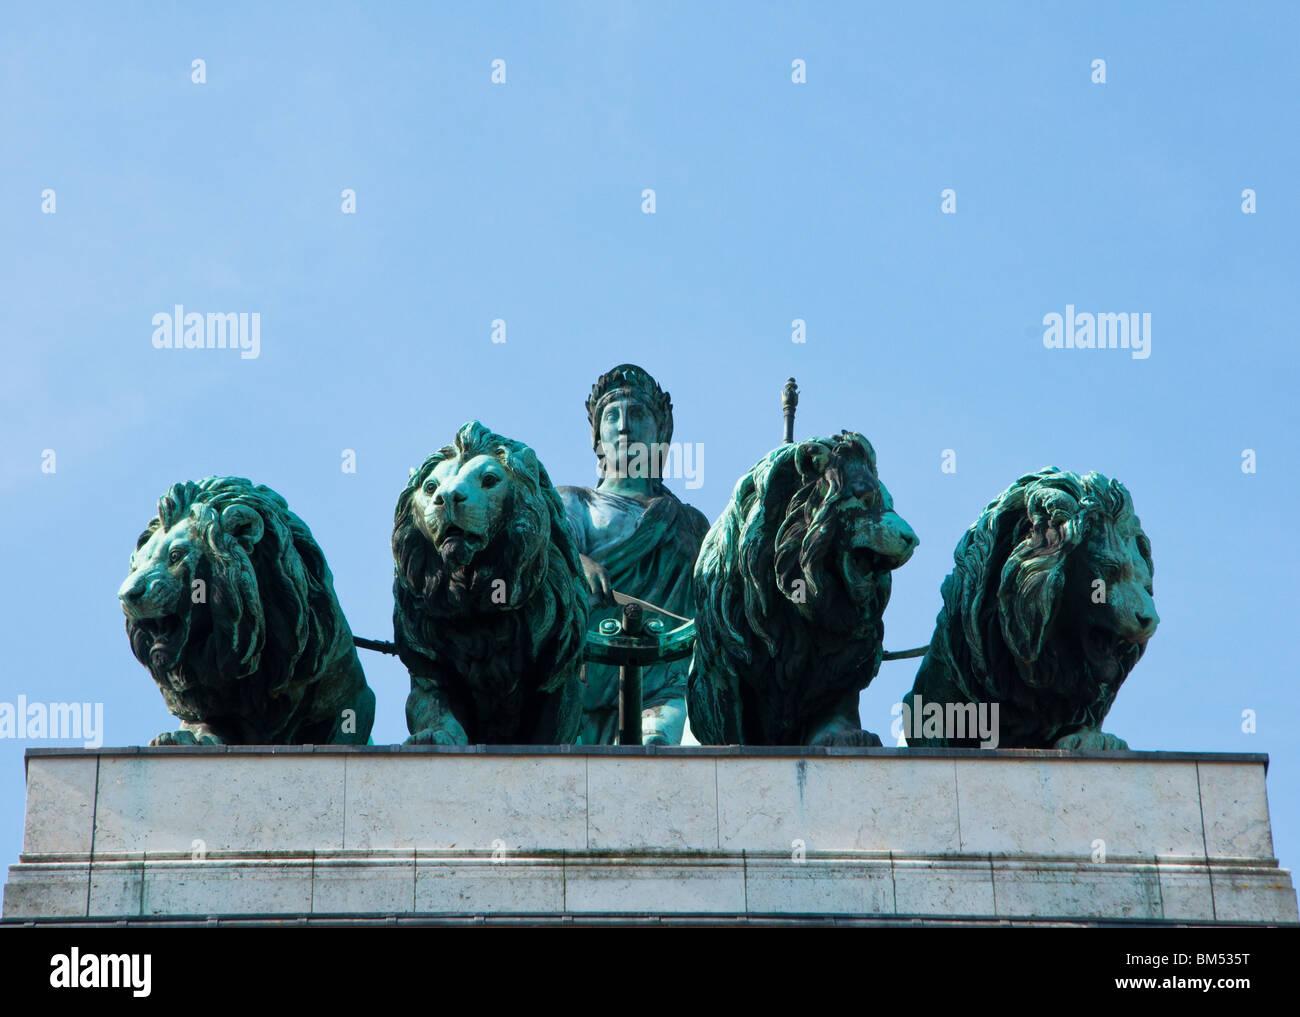 Statues on Siegestor